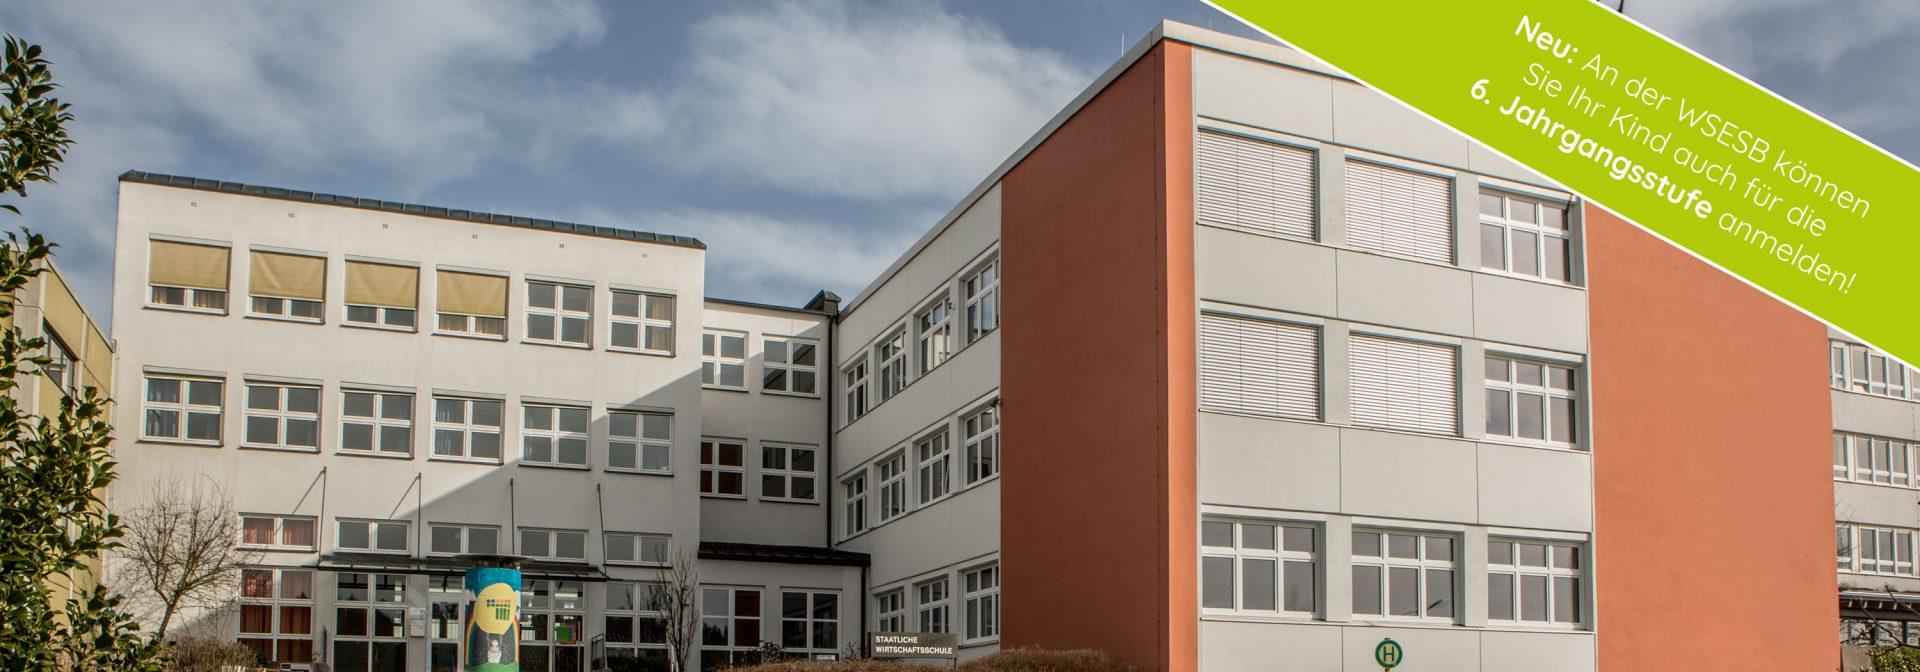 Schulhaus_headerbild_startseite